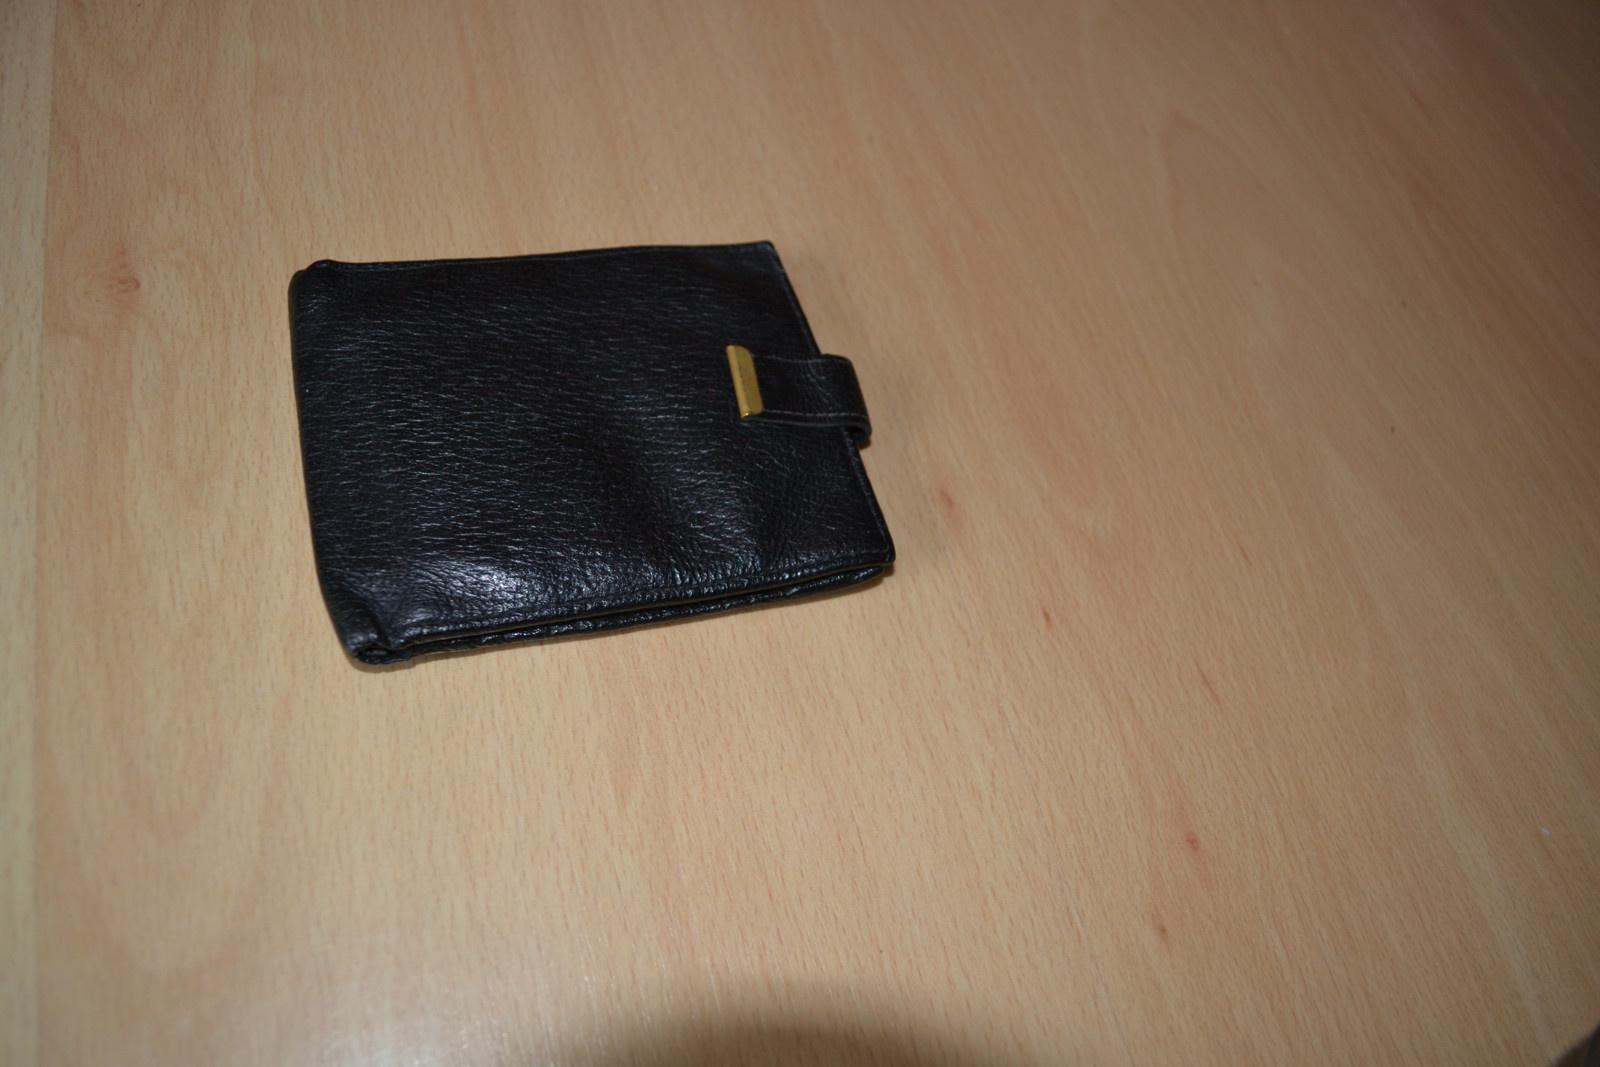 Pánská peněženka - 24x10cm - sleva!   Zboží prodejce U Míly  6faefe64d2